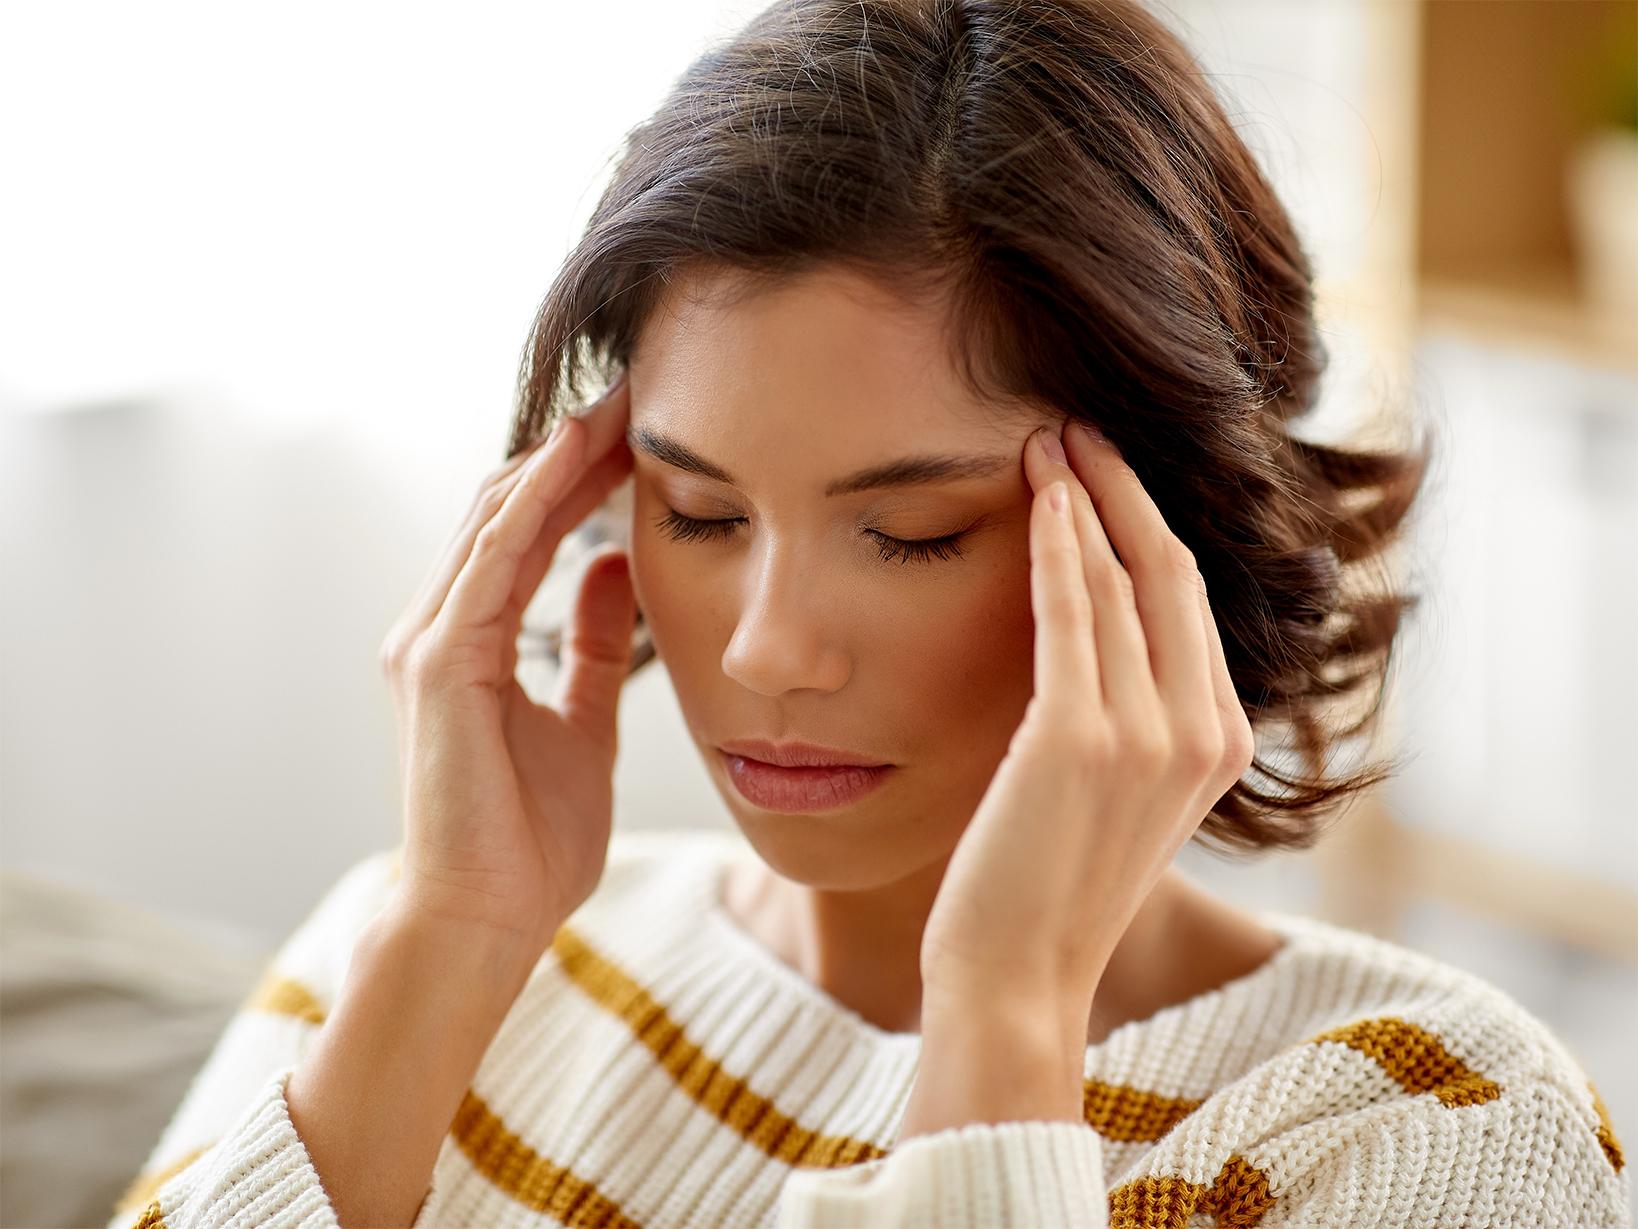 Hilfe bei Fibromyalgie dank Radon gegen chronische Schmerzen, Erschöpfung und Schlafstörungen